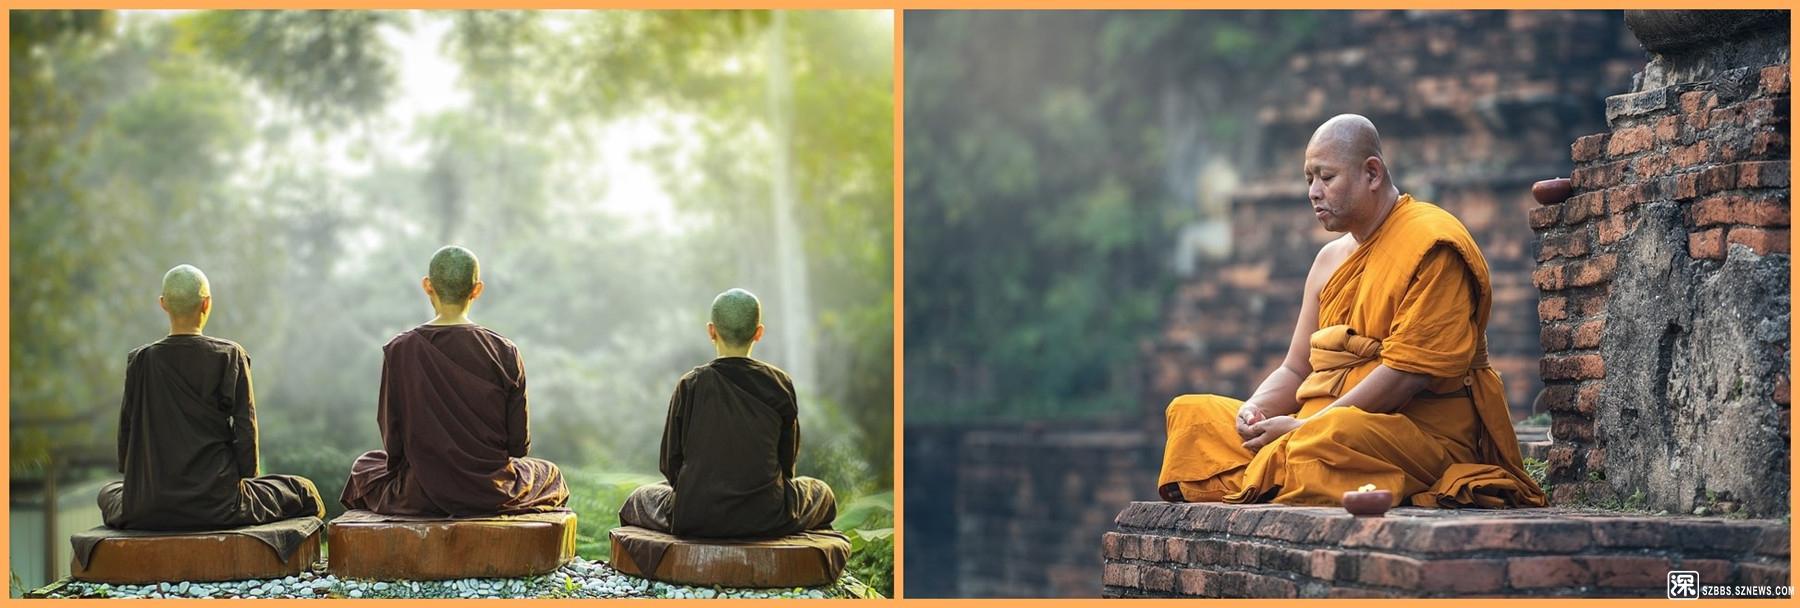 佛教打坐.jp